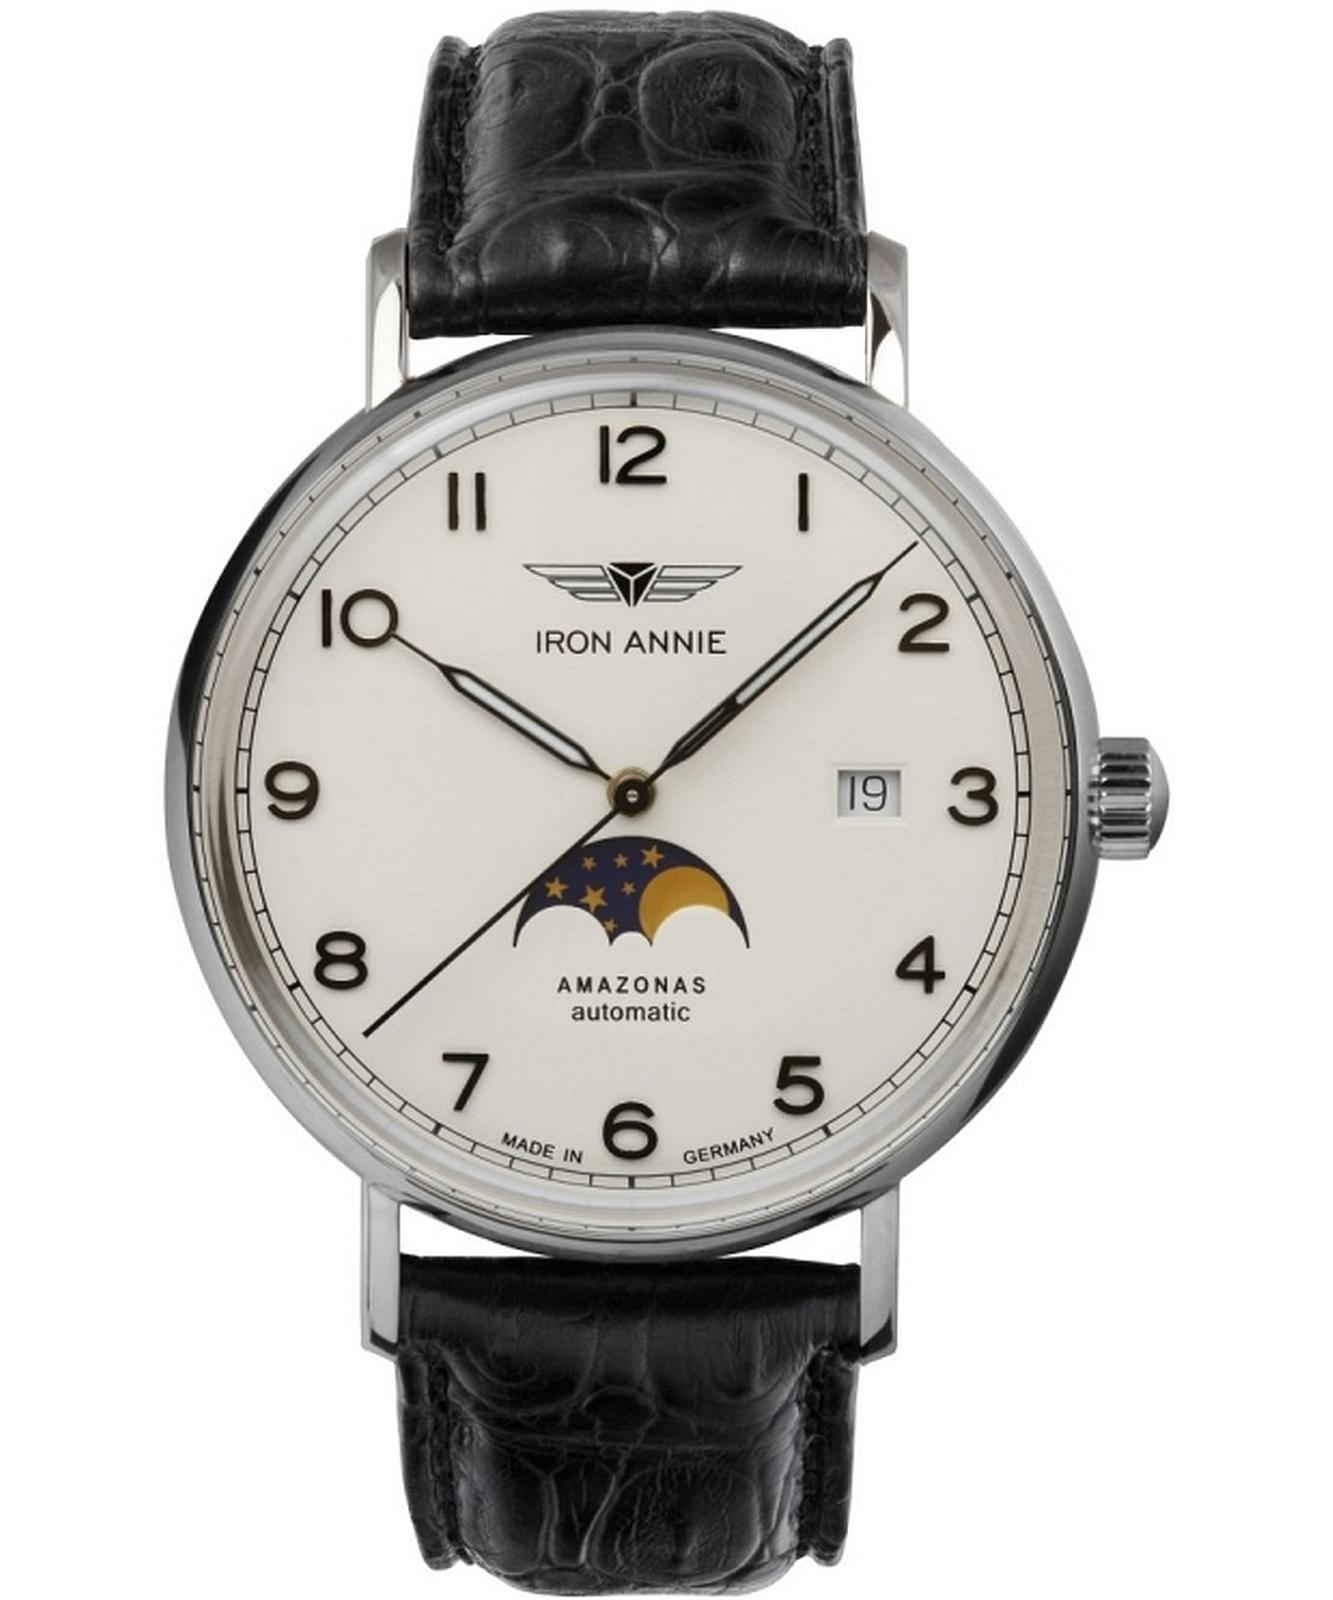 zegarek-meski-iron-annie-d-aqui-amazonas-automatik-ia-5908-5